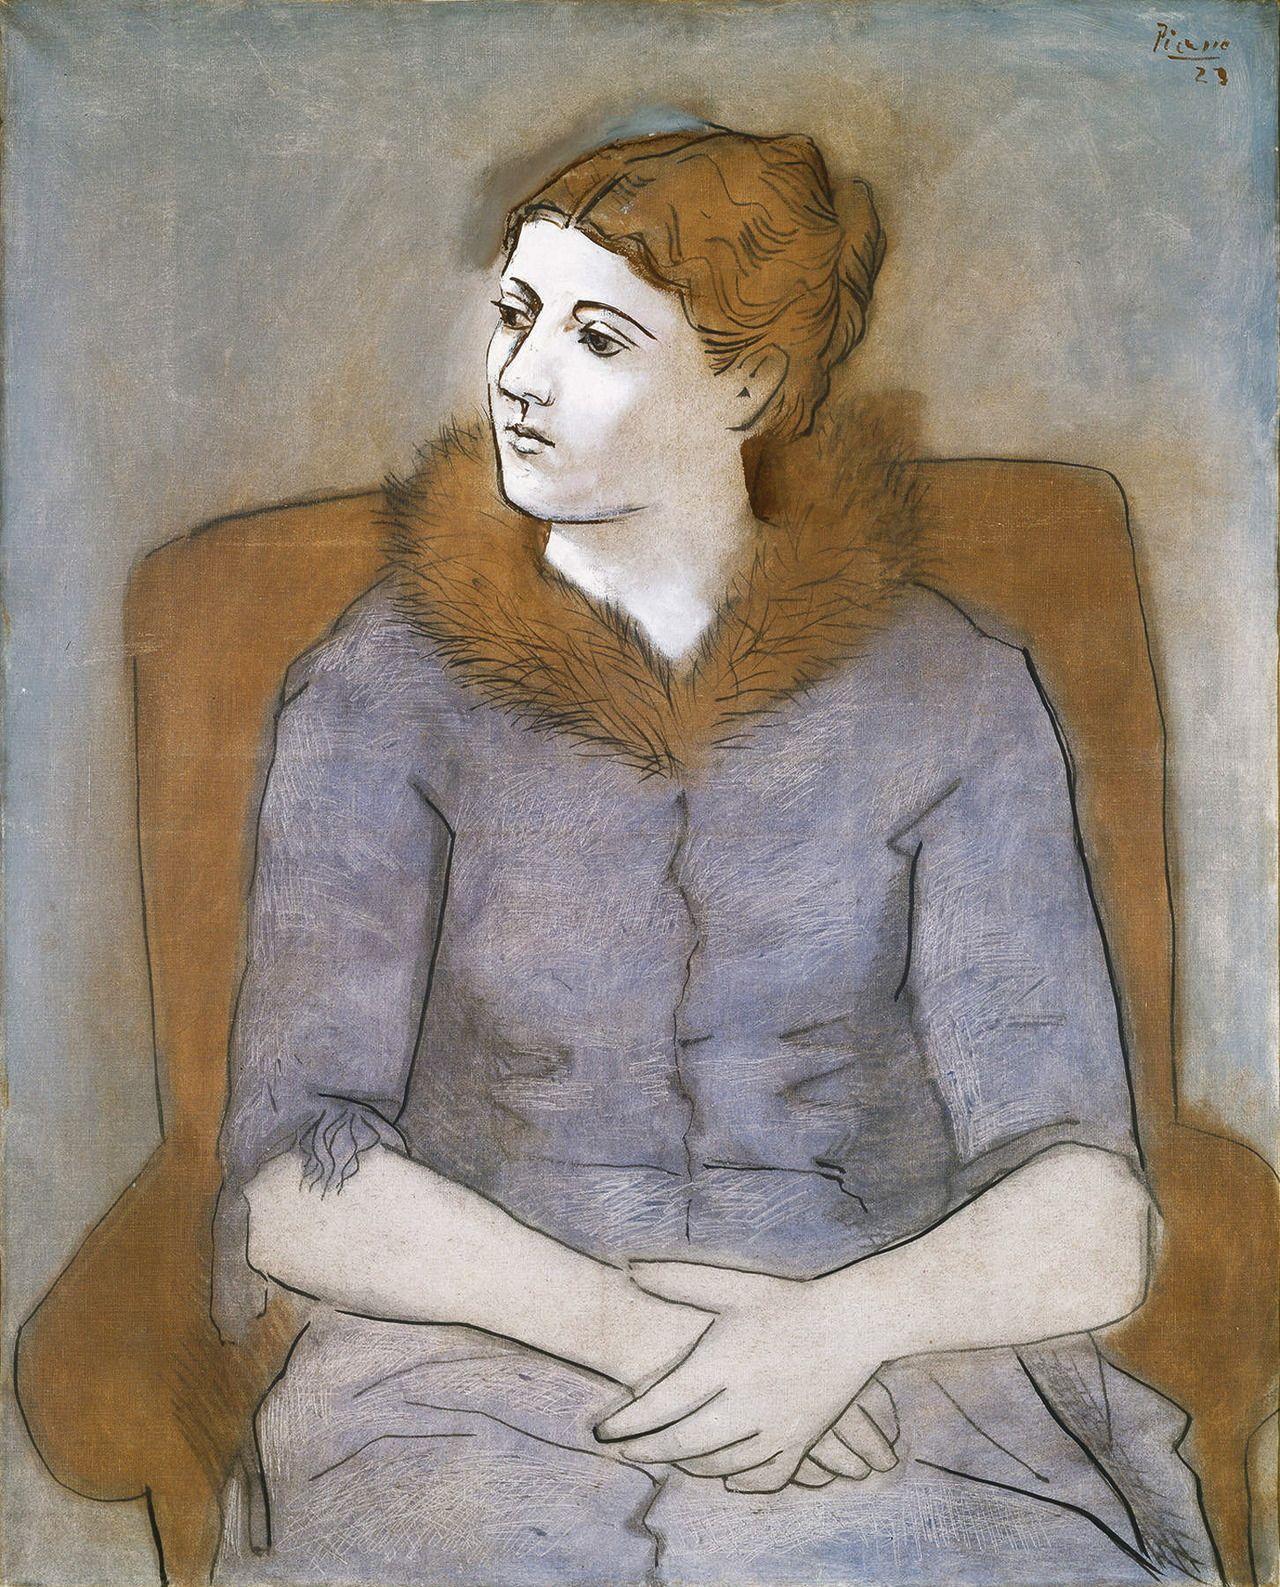 Pablo Picasso: Madame Picasso (1923)